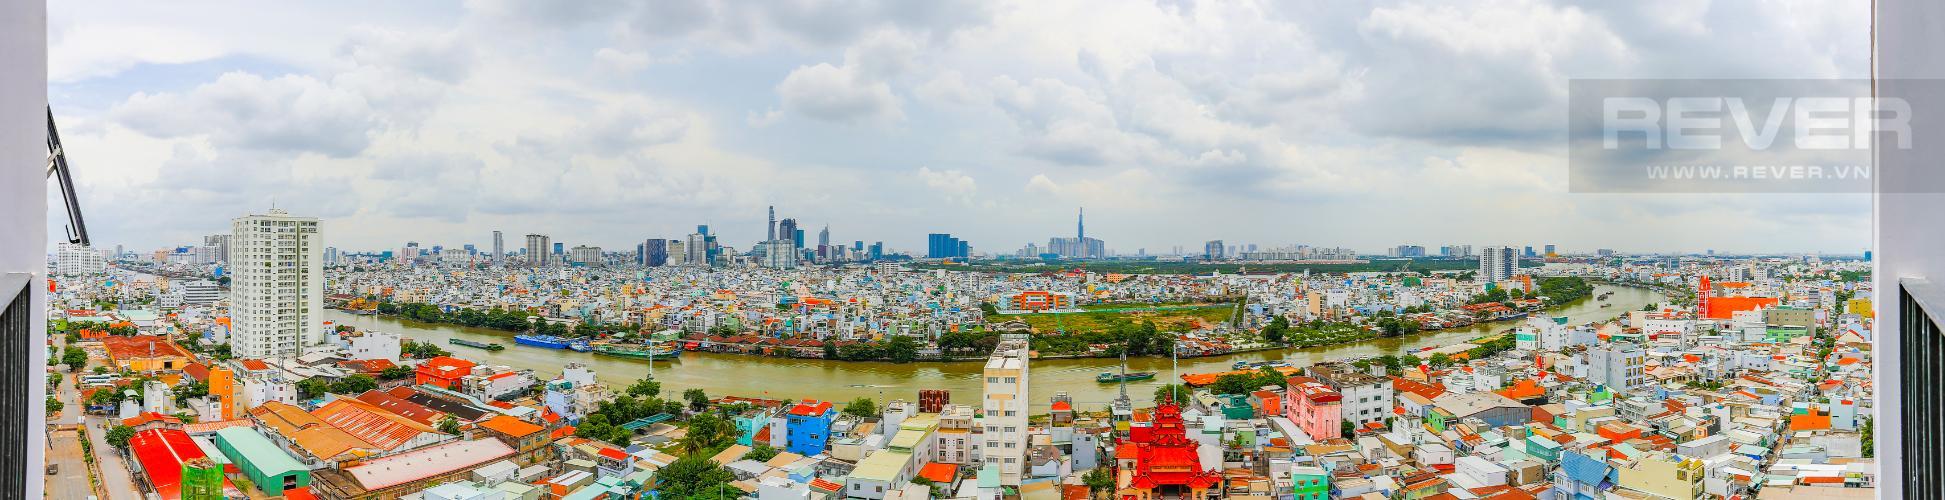 View Căn hộ M-One Nam Sài Gòn 2 phòng ngủ tầng thấp T1 view sông